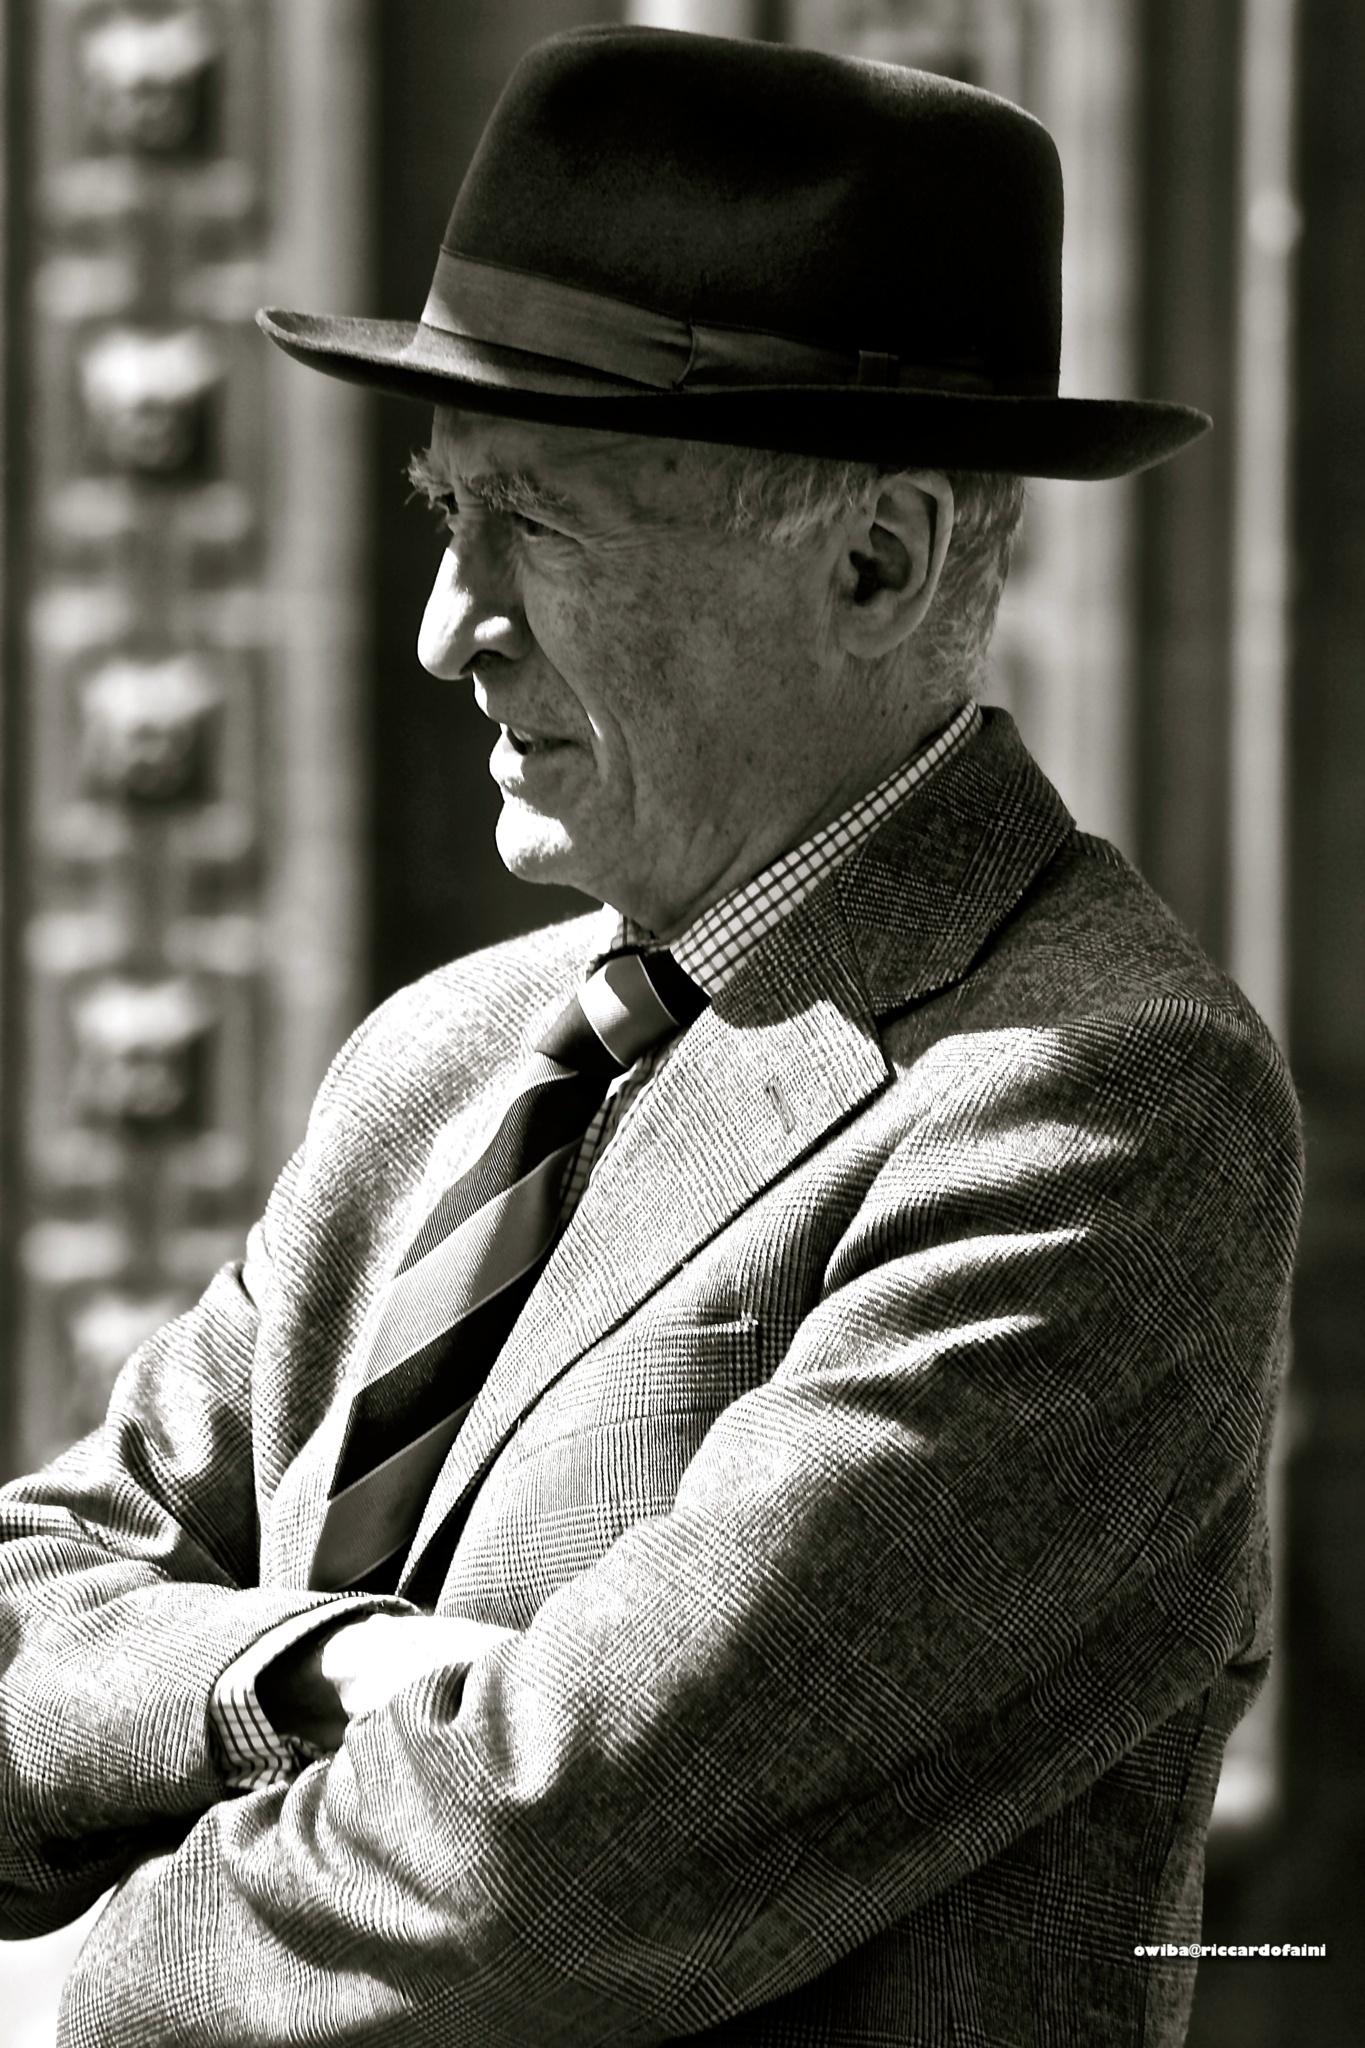 Mr.Leonard by Owiba Riccardo Faini